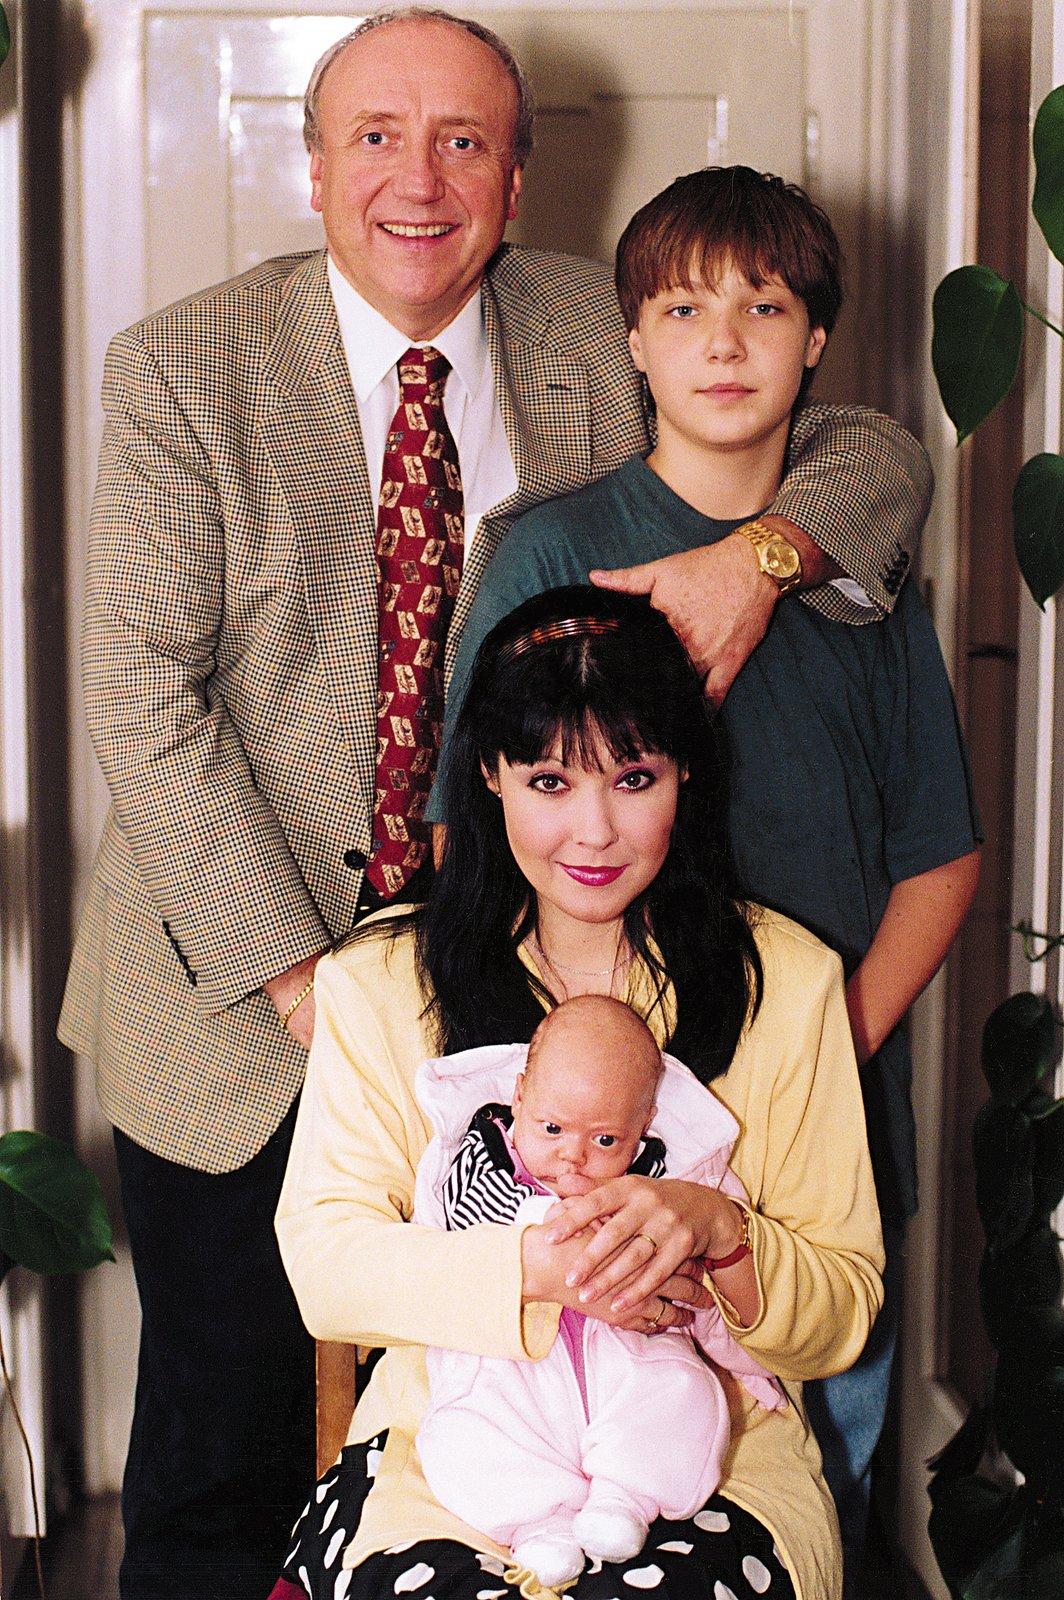 Dáda Patrasová s rodinou - manželem Felixem Slováčkem a dětmi Felixem a Aničkou